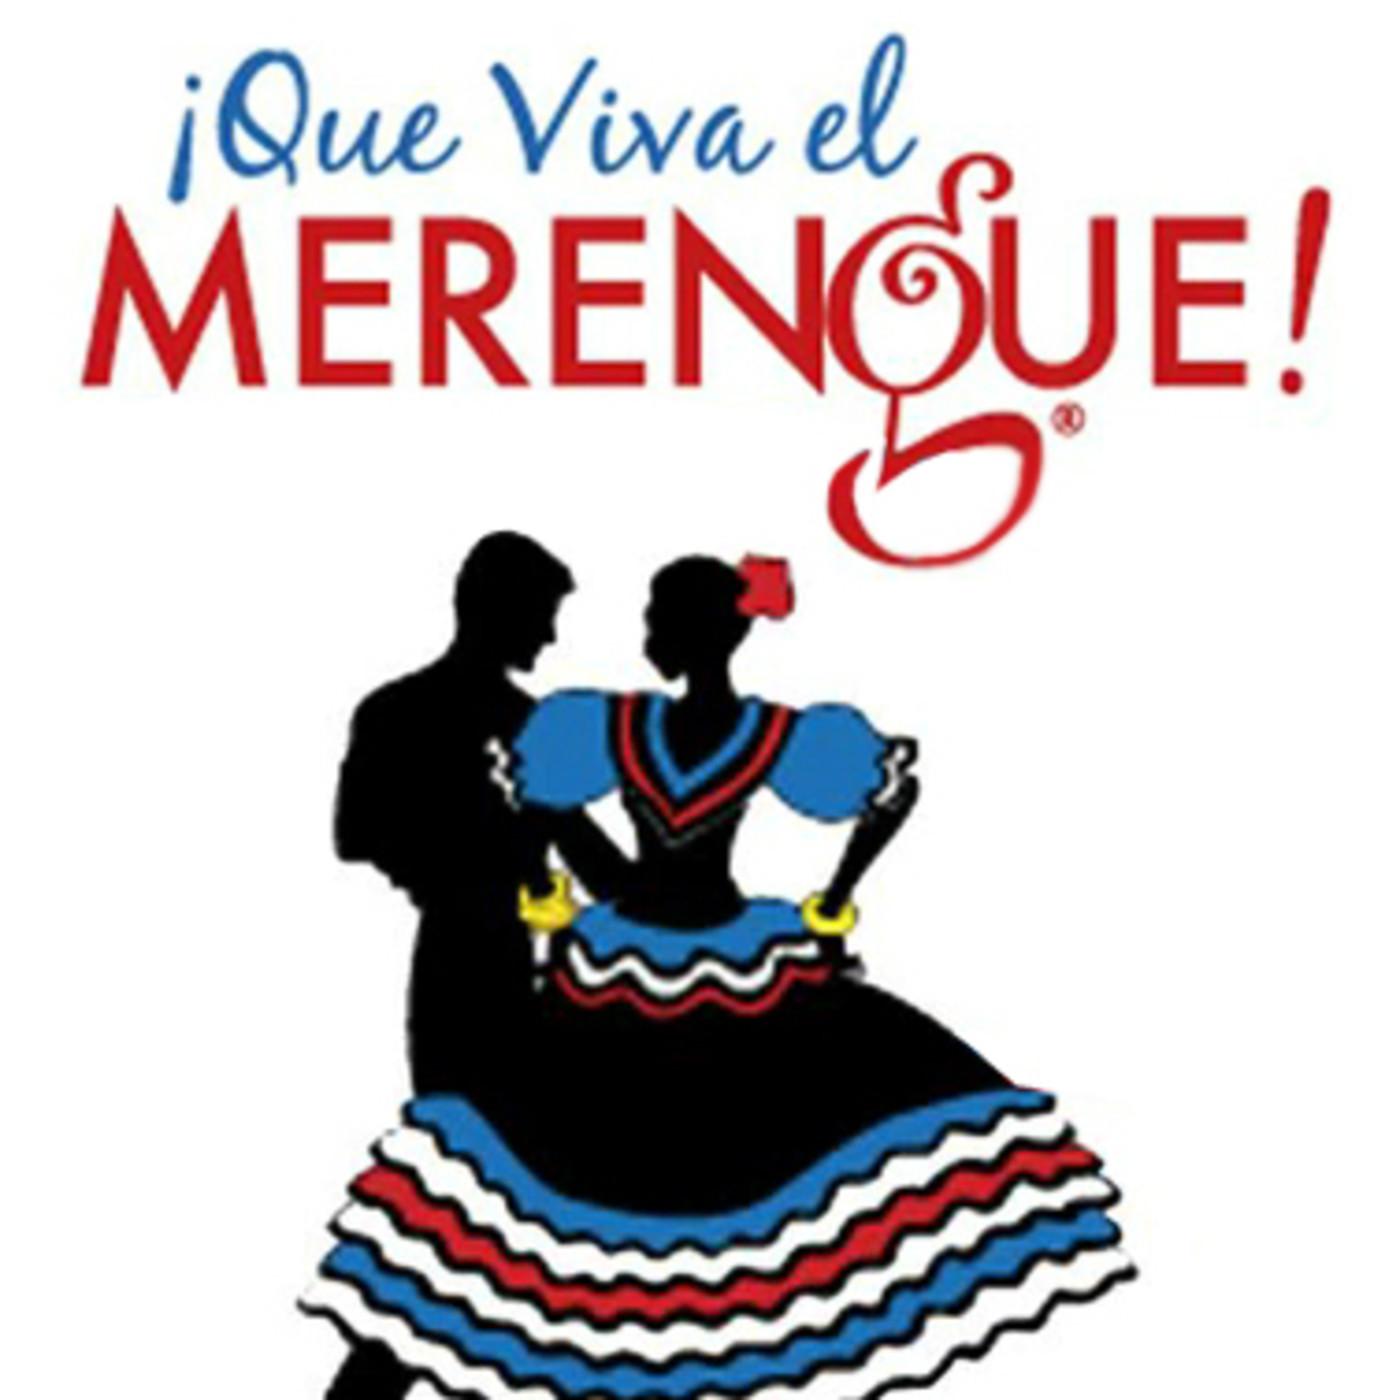 Me Gusta Cuando Cantas - El Merengue Dominicano en Me Gusta Cuando Cantas  en mp3(16/08 a las 23:13:16) 57:44 27888280 - iVoox